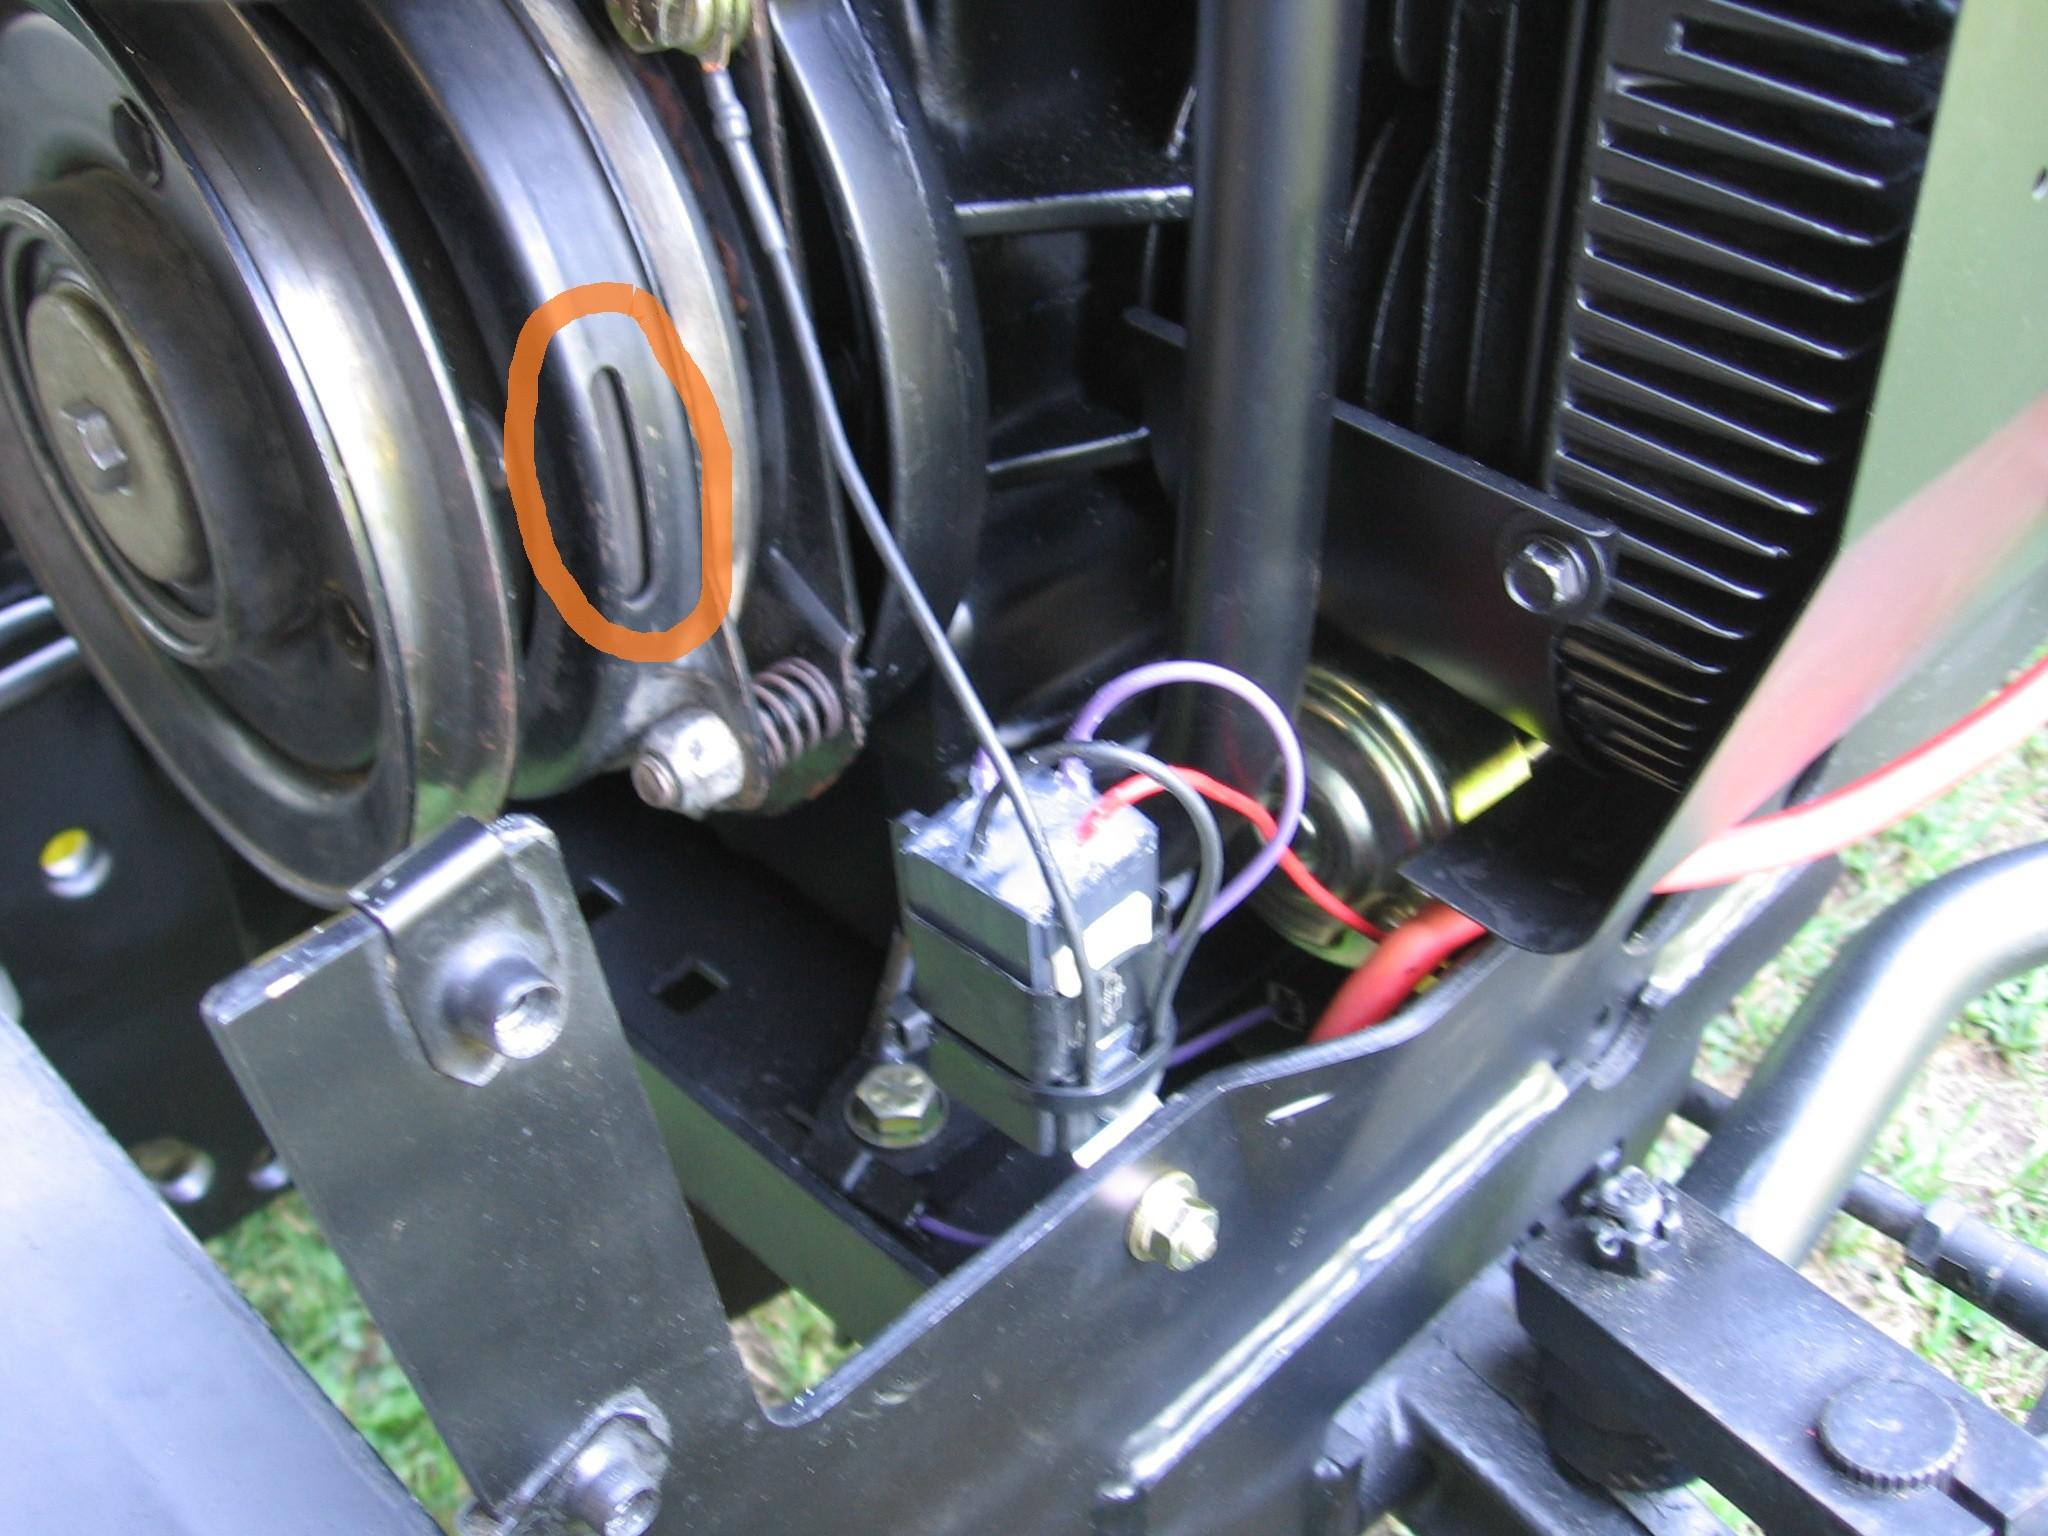 Electrical Schematic 345 John Deere Tractor 56d25 John Deere 655 Wiring Diagram Of Electrical Schematic 345 John Deere Tractor